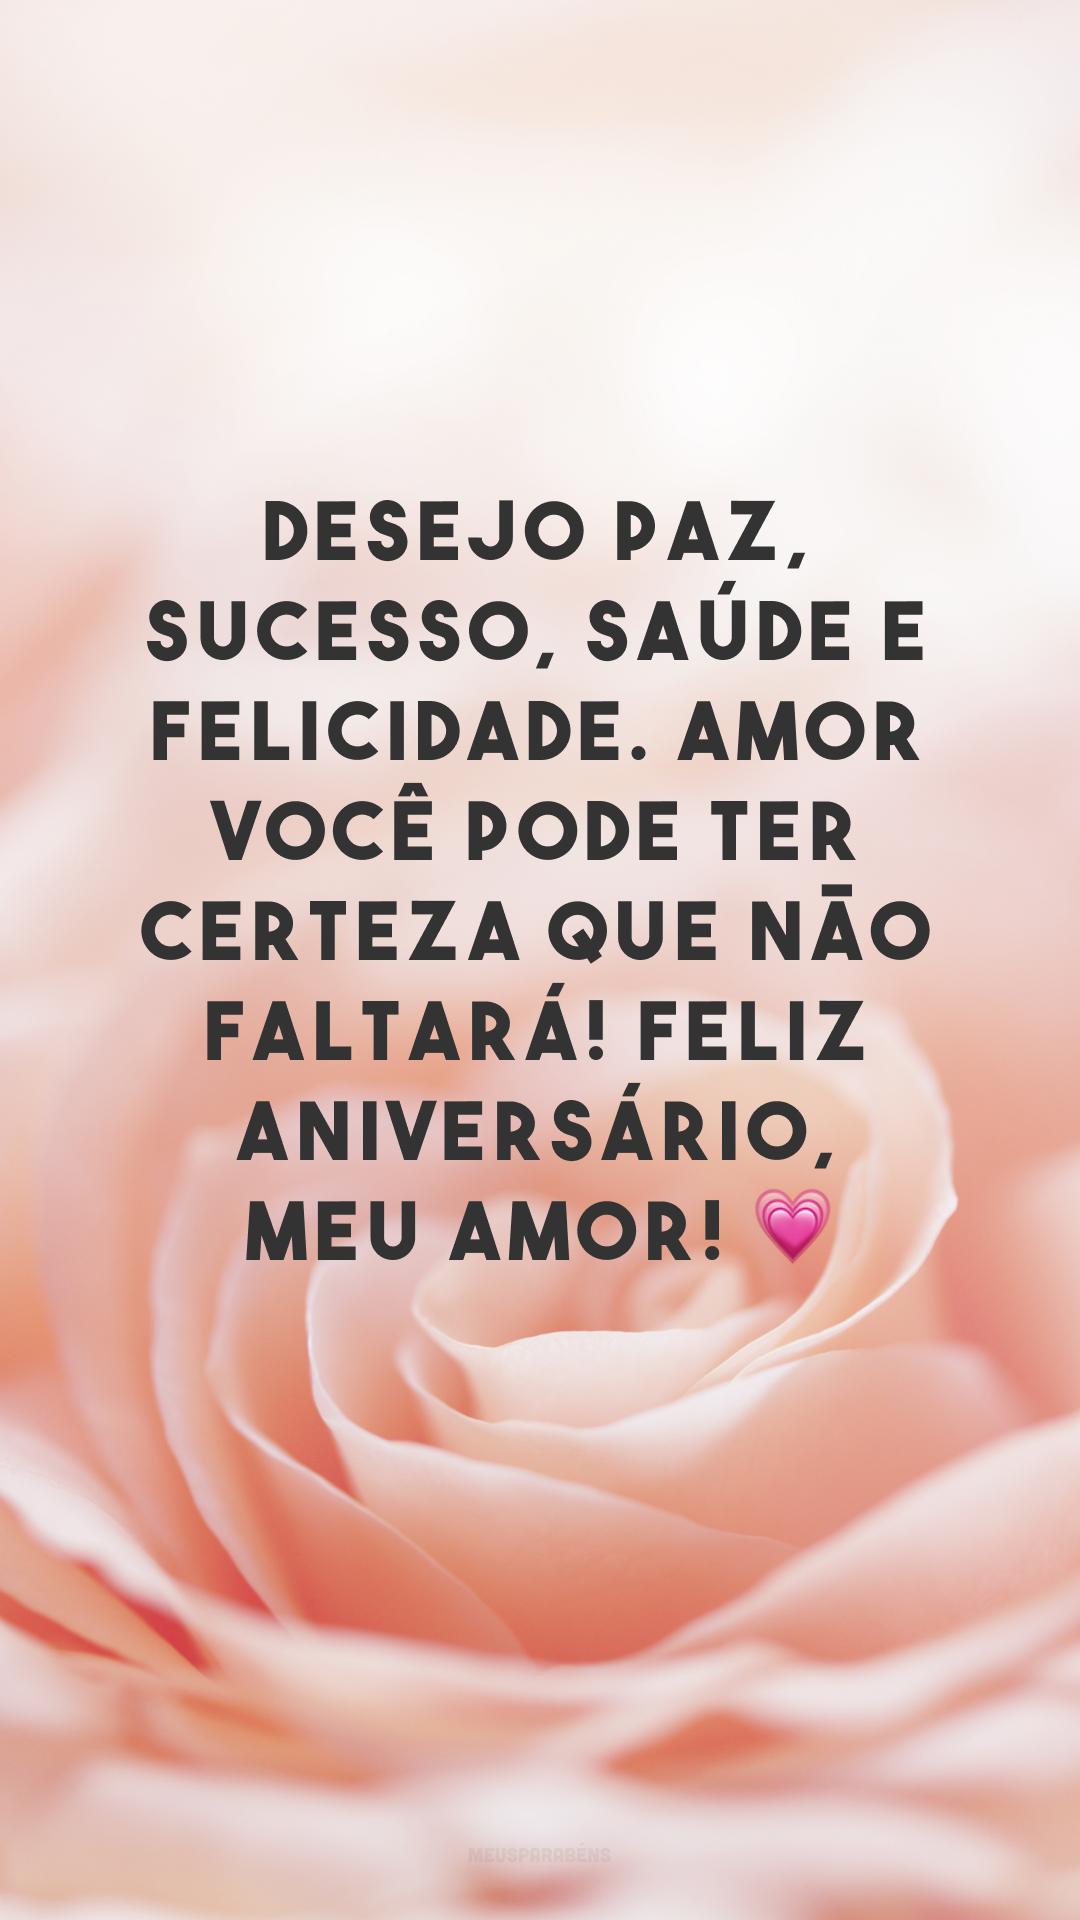 Desejo paz, sucesso, saúde e felicidade. Amor você pode ter certeza que não faltará! Feliz aniversário, meu amor! 💗